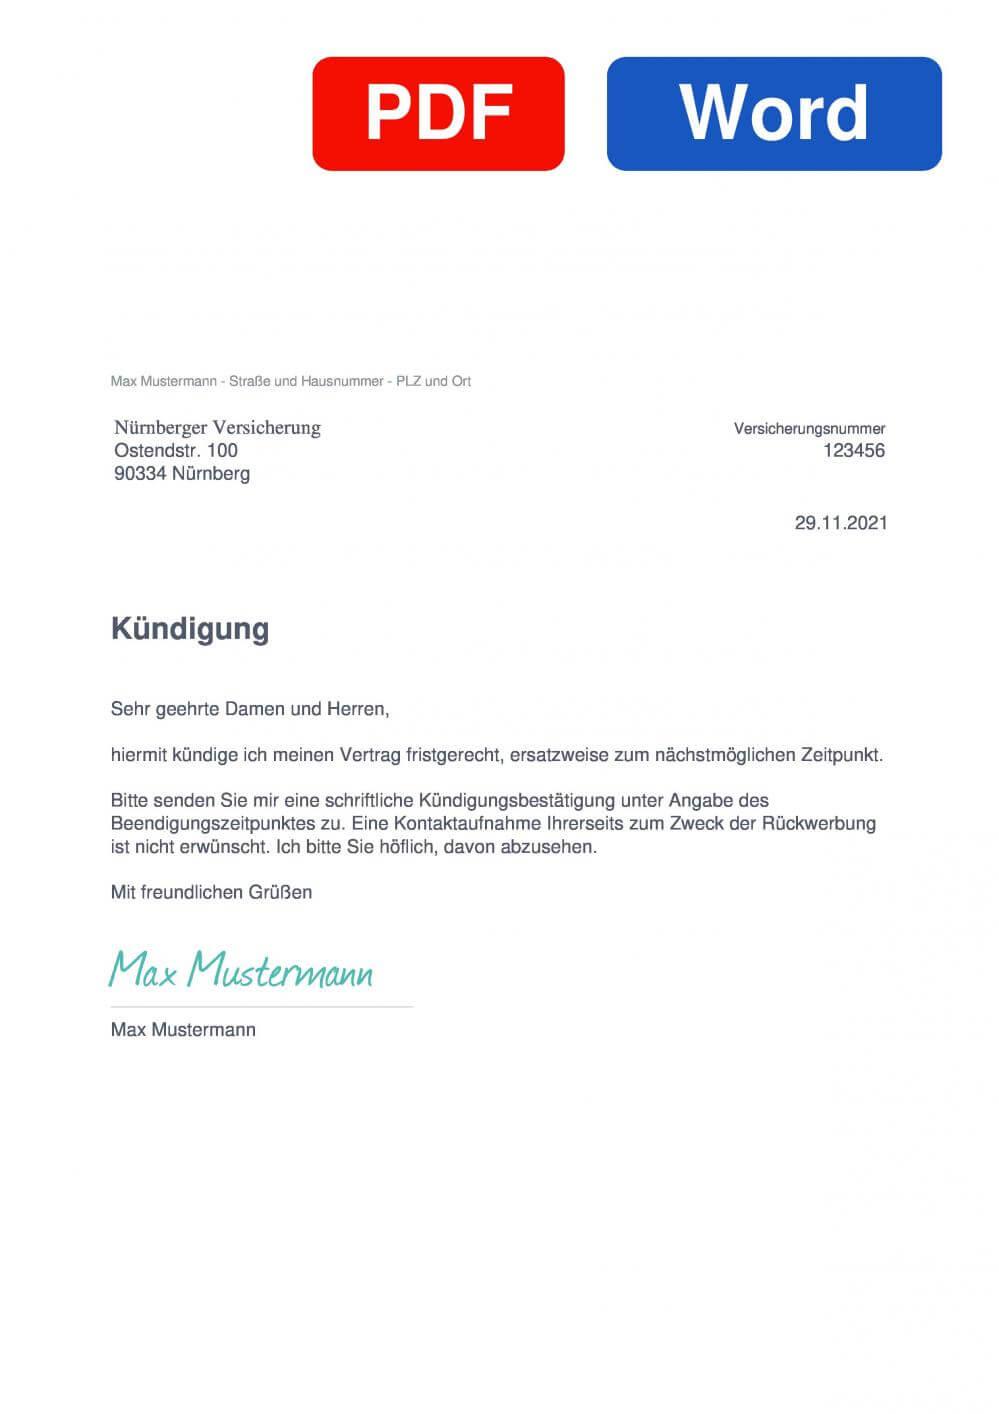 Nürnberger KFZ Versicherung Muster Vorlage für Kündigungsschreiben